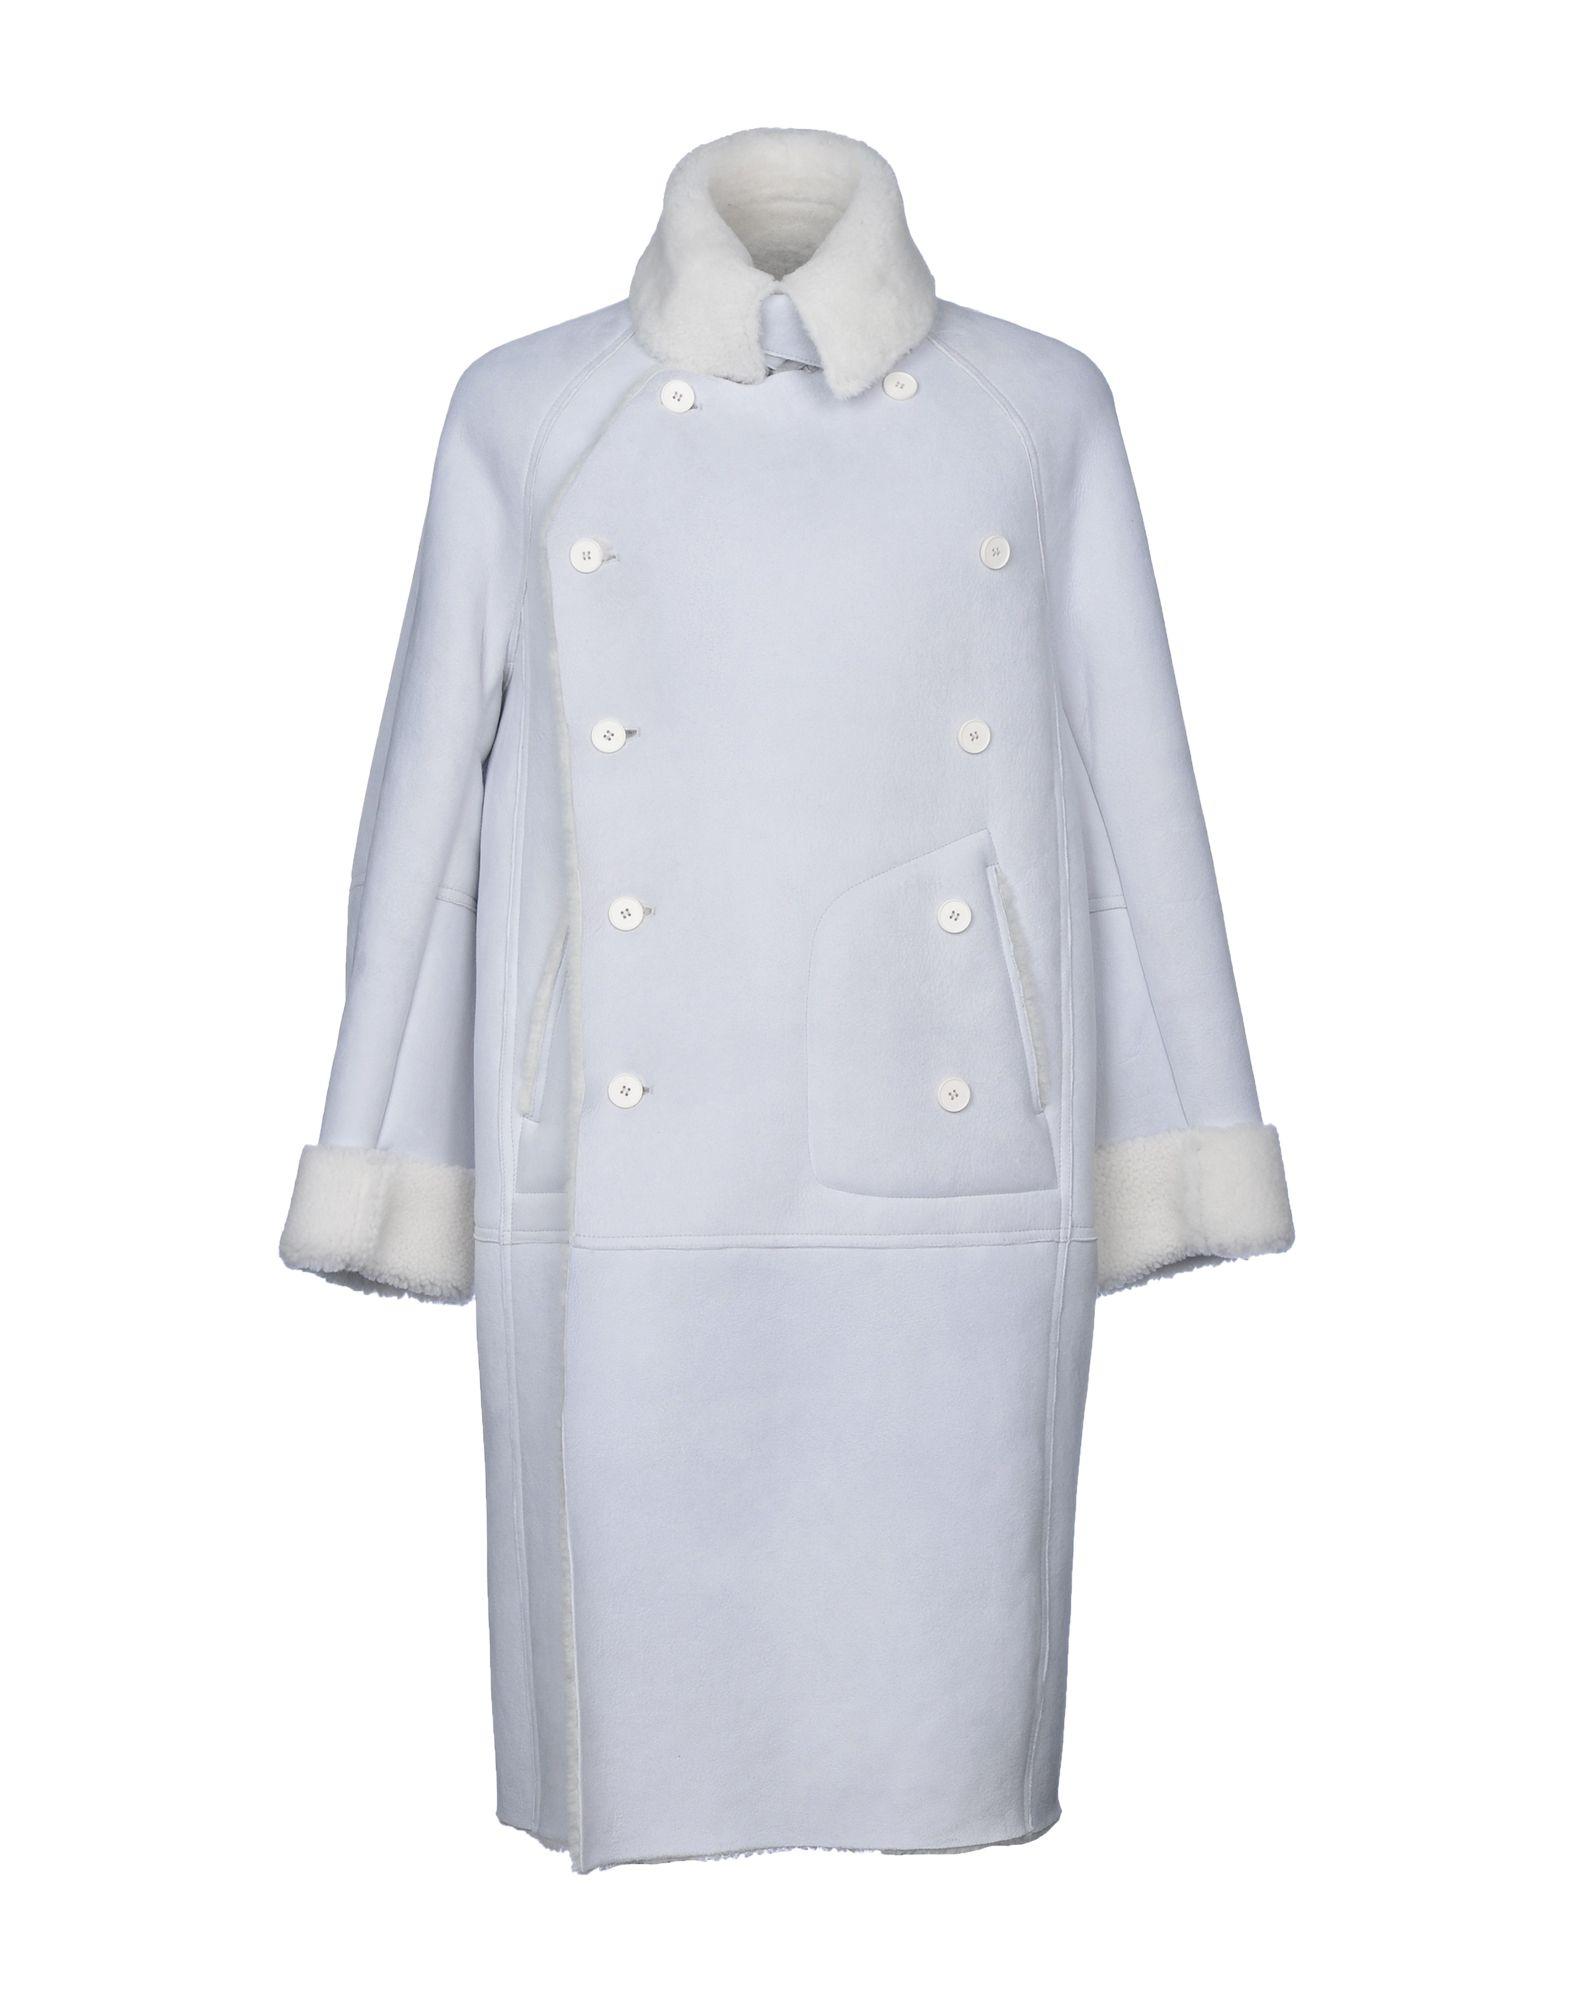 《送料無料》MAISON MARGIELA メンズ コート ライトグレー 46 羊革(ラムスキン)